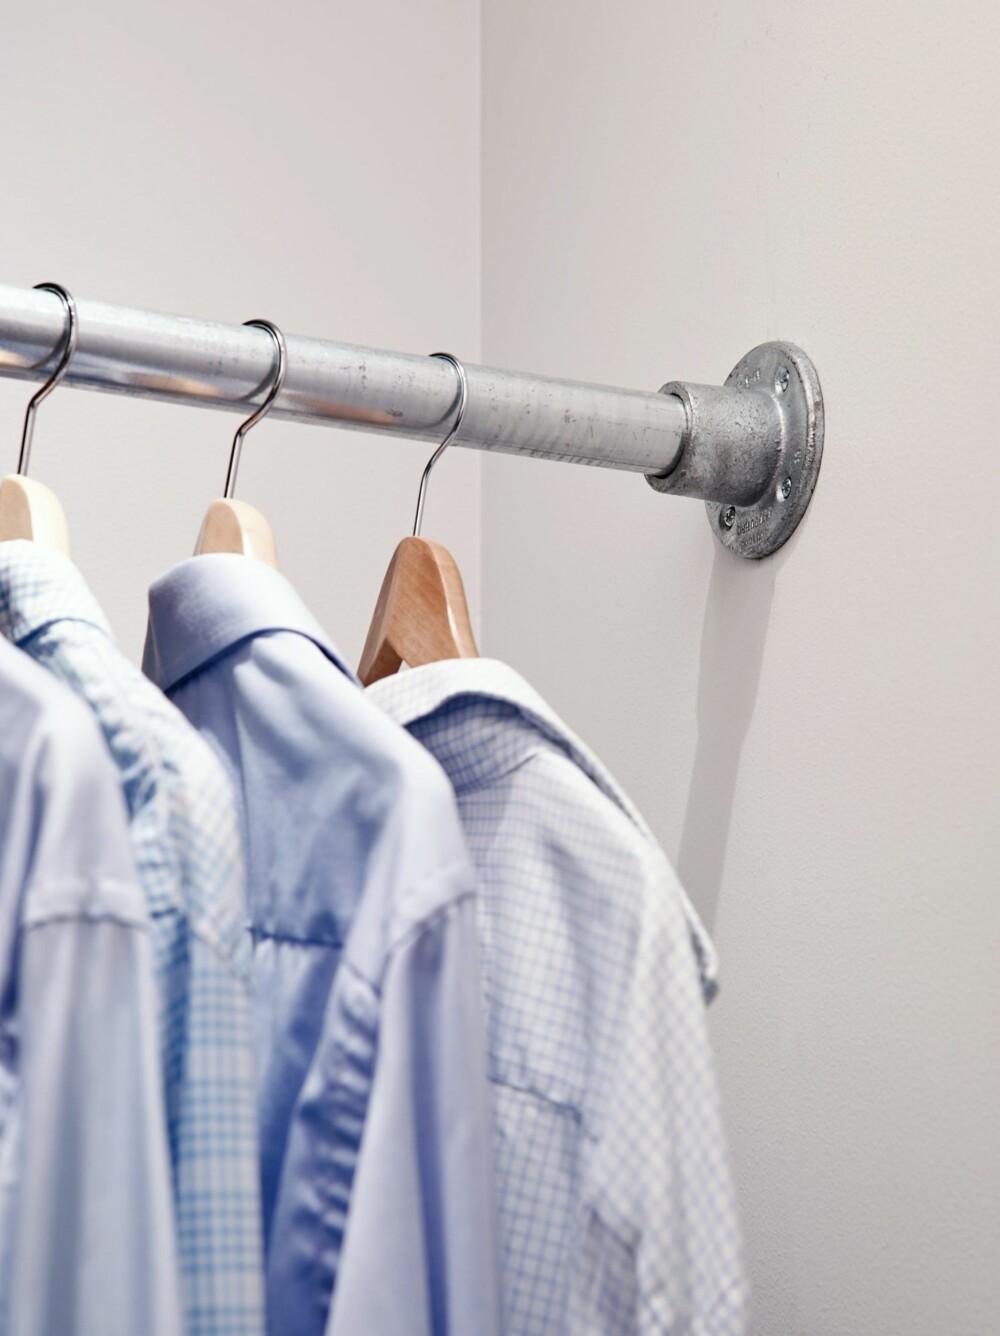 ROBUSTE STENGER: De solide stengene tilfører et industrielt preg til garderoberommet. Kee klamp fås i aluminium eller stål, leveres fra Tyco Building Services Products.